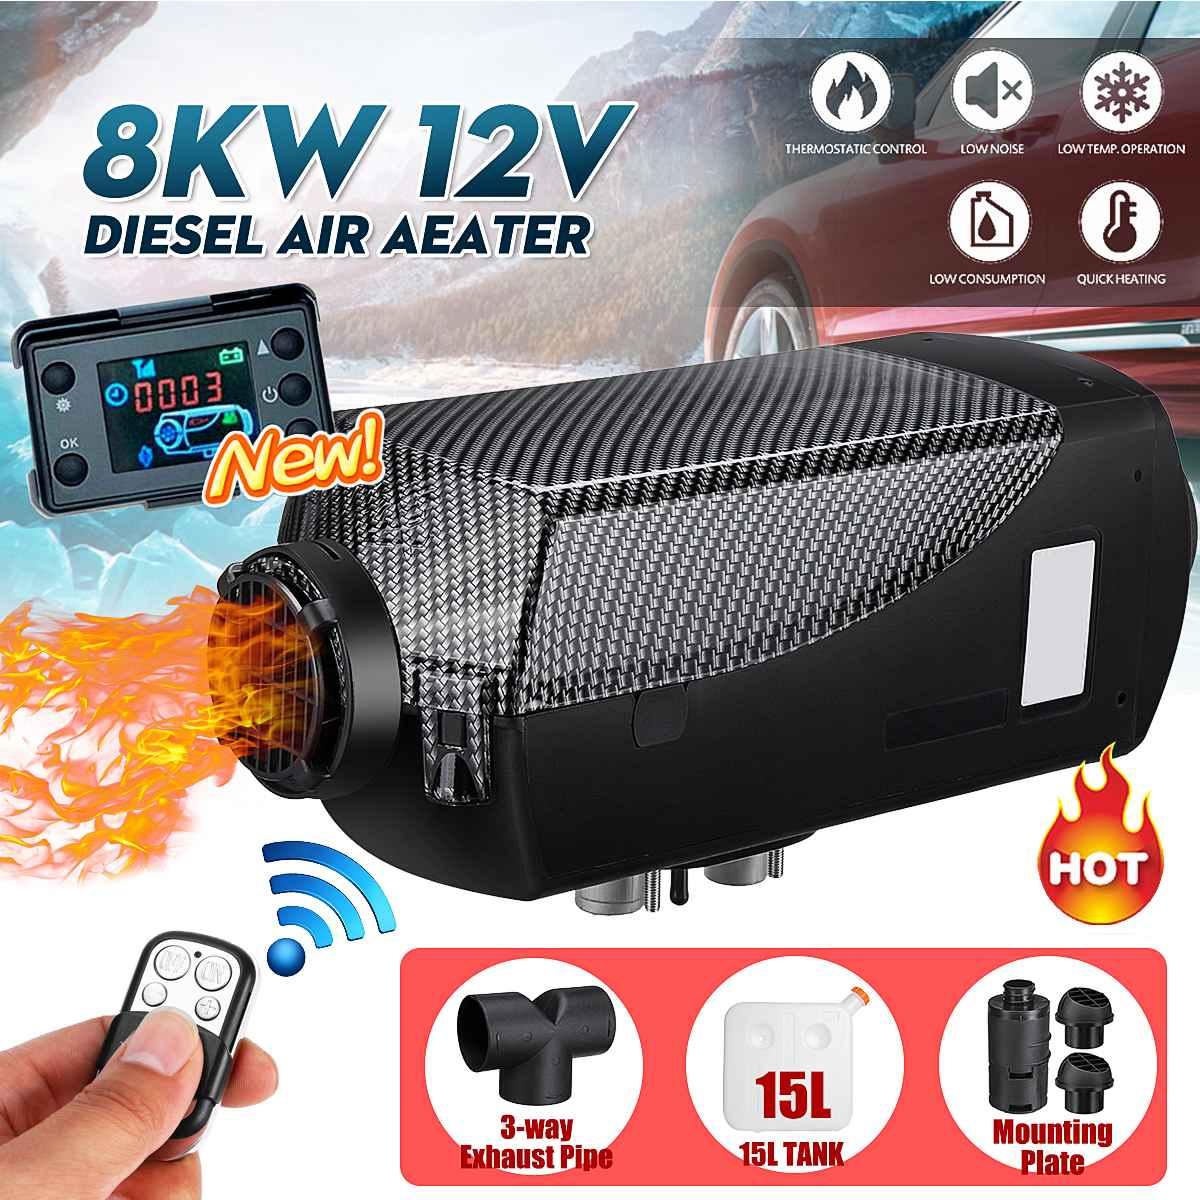 Aquecedor do carro 8KW 12V 2 24V Diesel Aquecedor de Ar de Saída de Ar Do Monitor LCD + 15L Tanque de Controle Remoto para Barcos RV Reboque Do Caminhão Motorhome